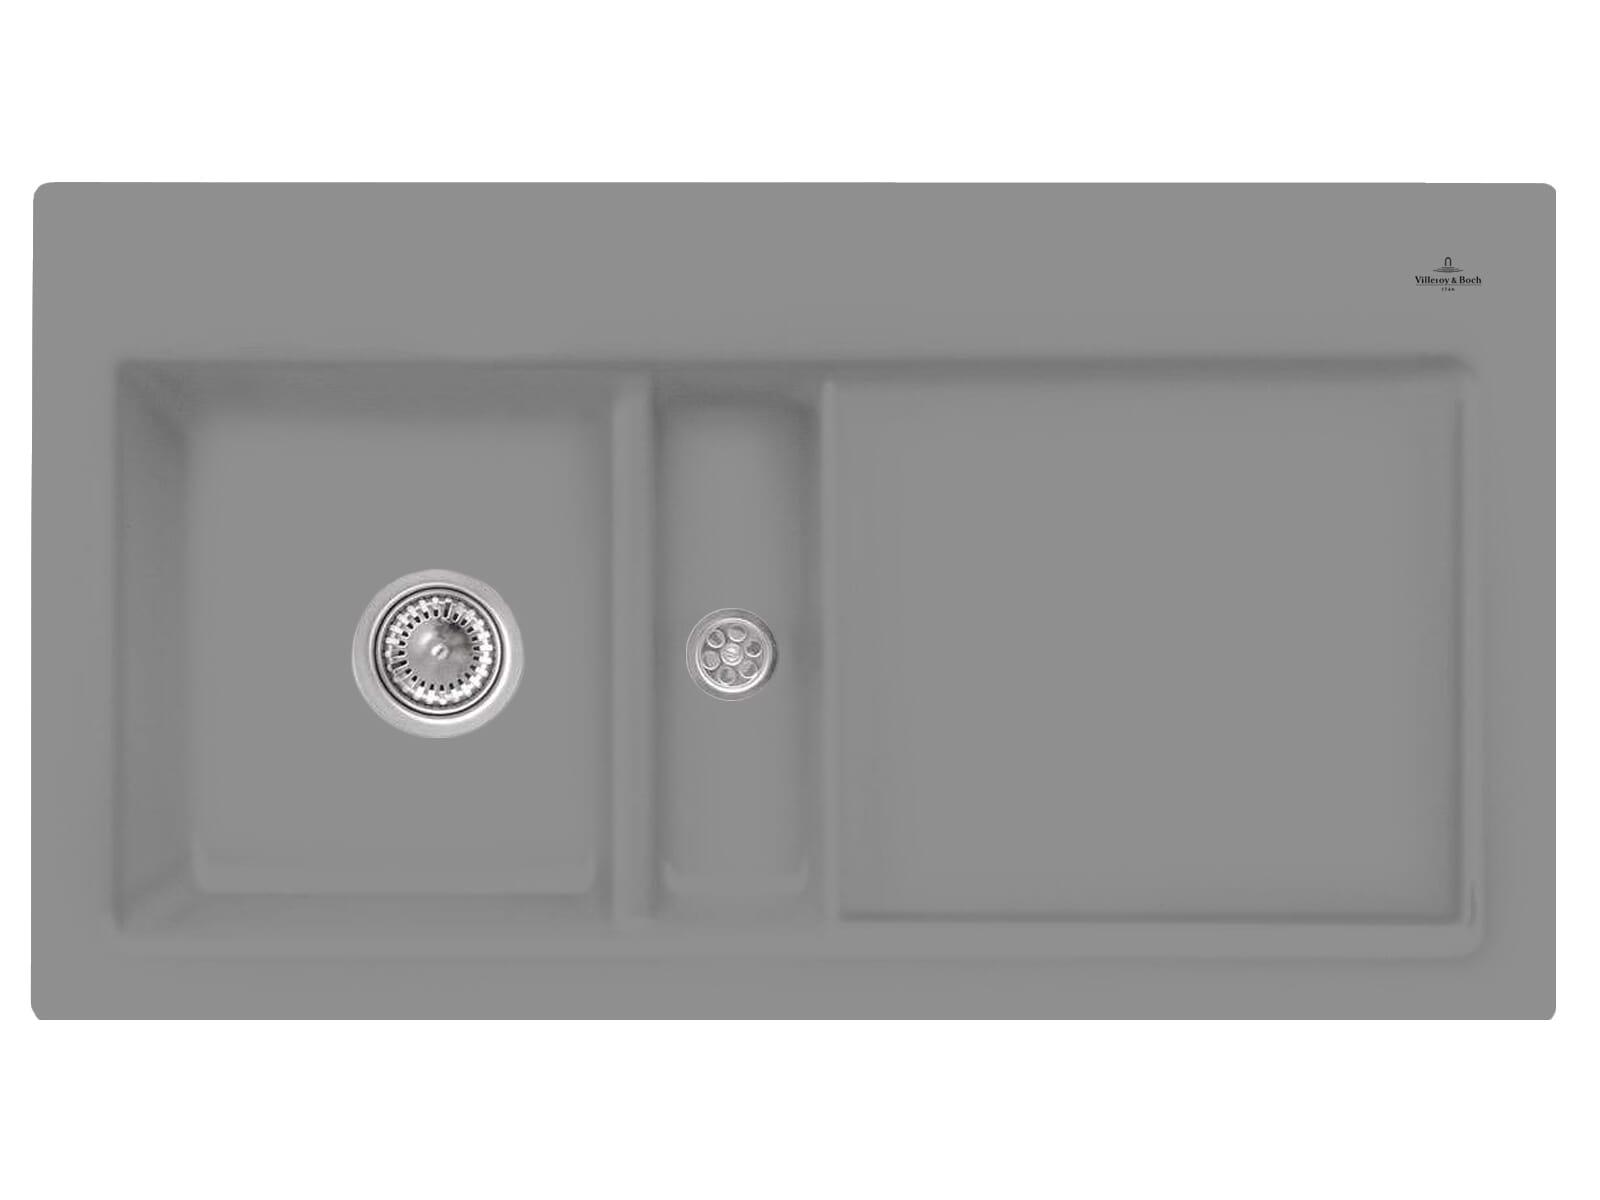 Villeroy & Boch Subway 50 Stone - 6773 01 SL Keramikspüle Handbetätigung